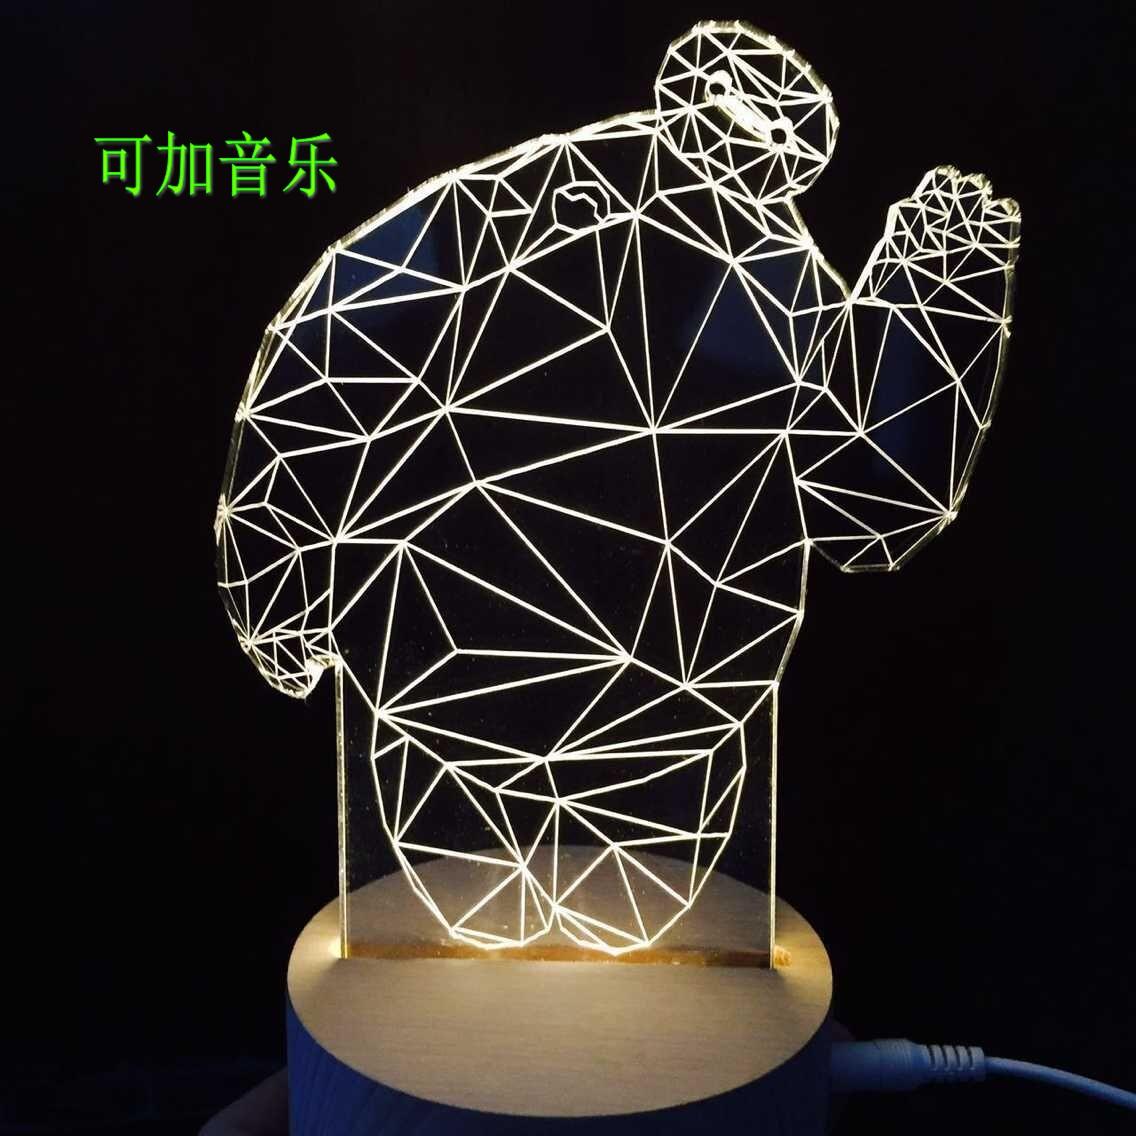 3D大白小夜灯遥控灯LED小台灯可调光创意生日礼物USB卧室个性装饰